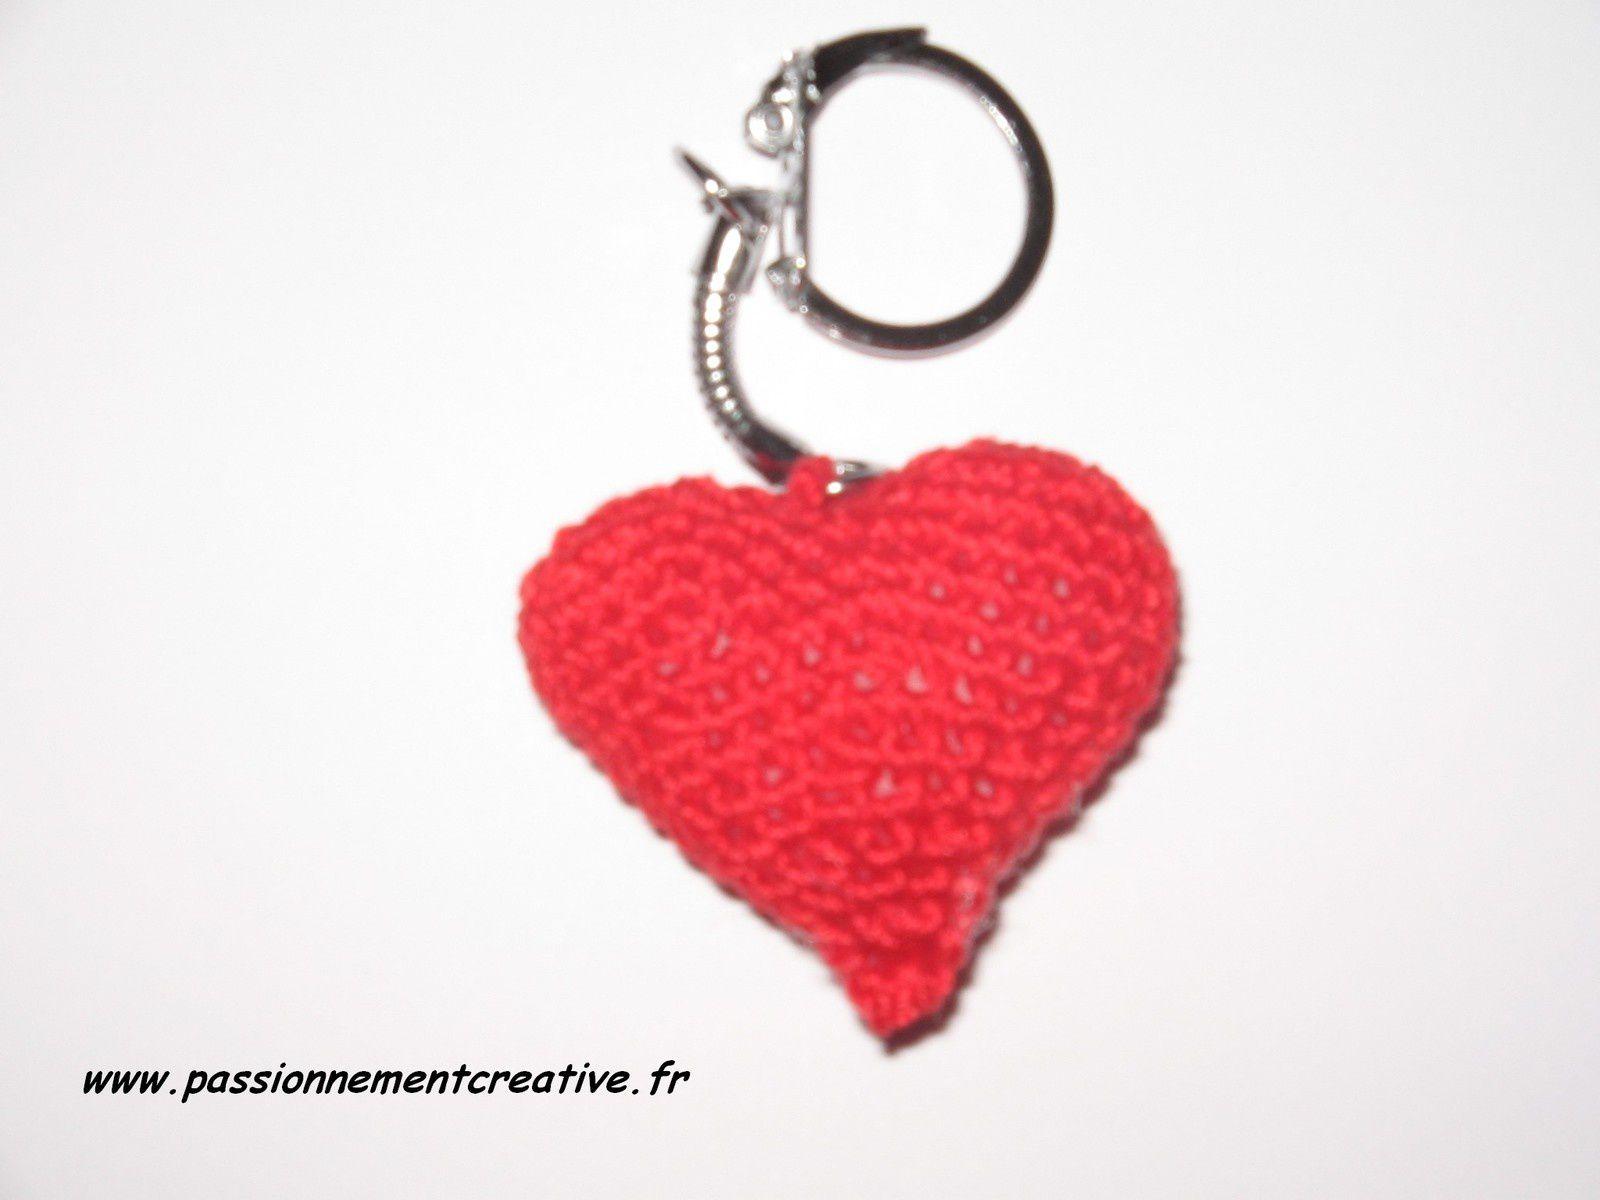 Des coeurs en porte-clés